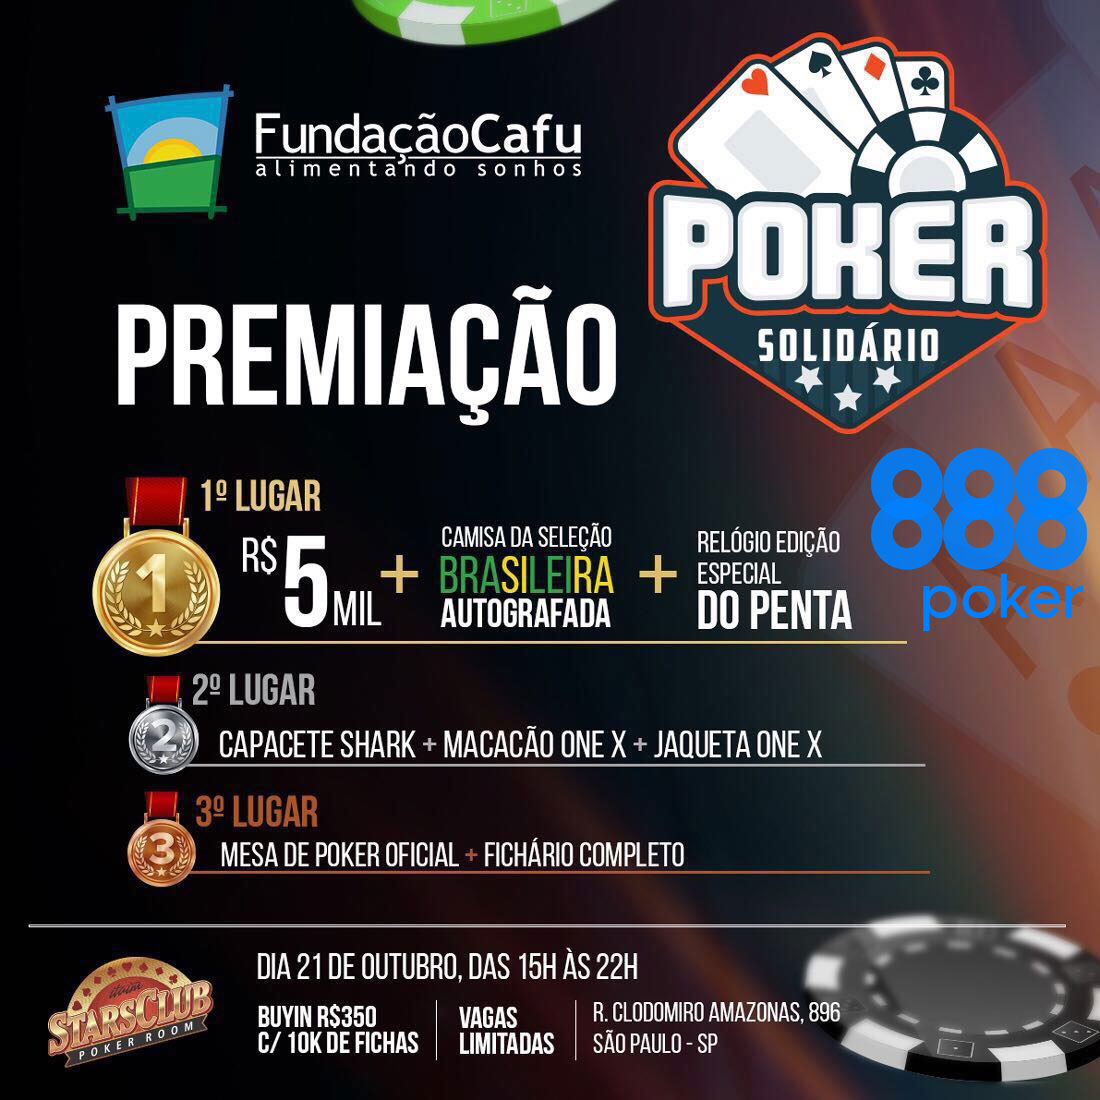 poker solidário fundação cafu stars club